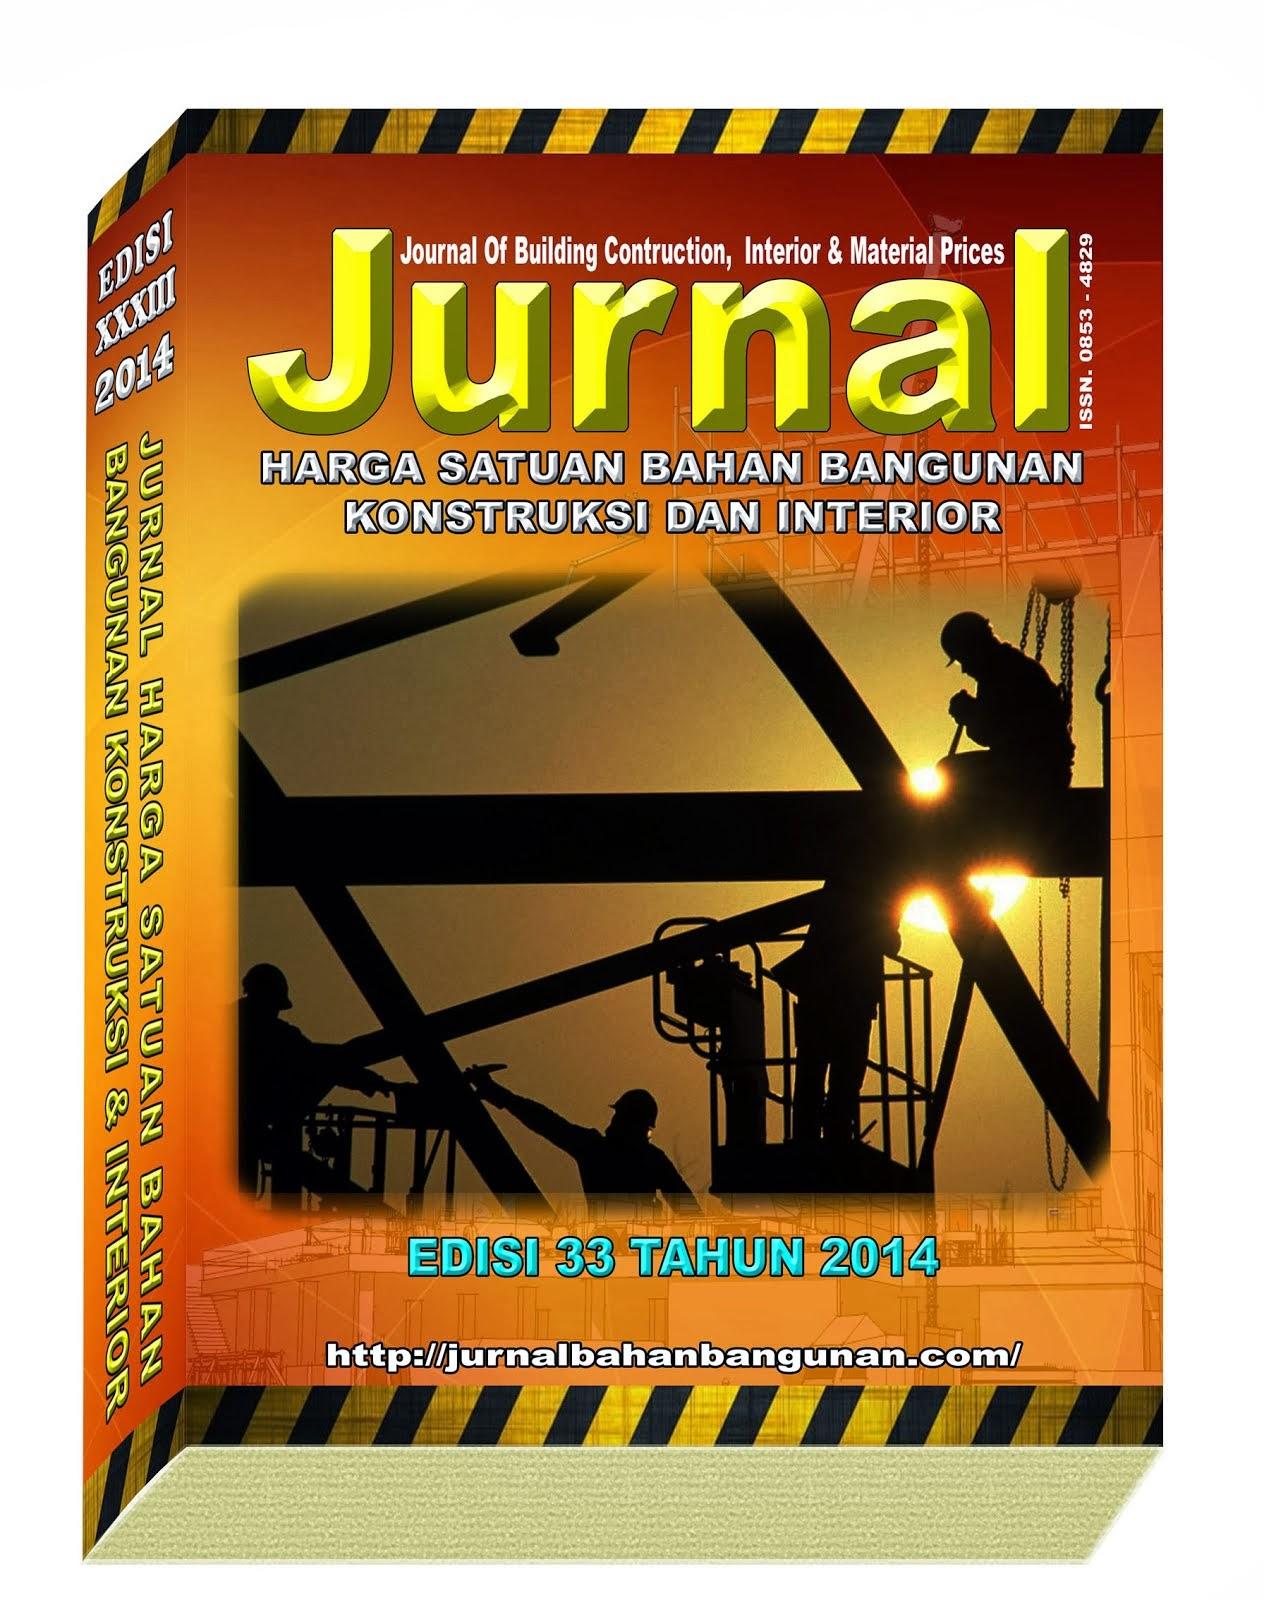 JURNAL EDISI 33